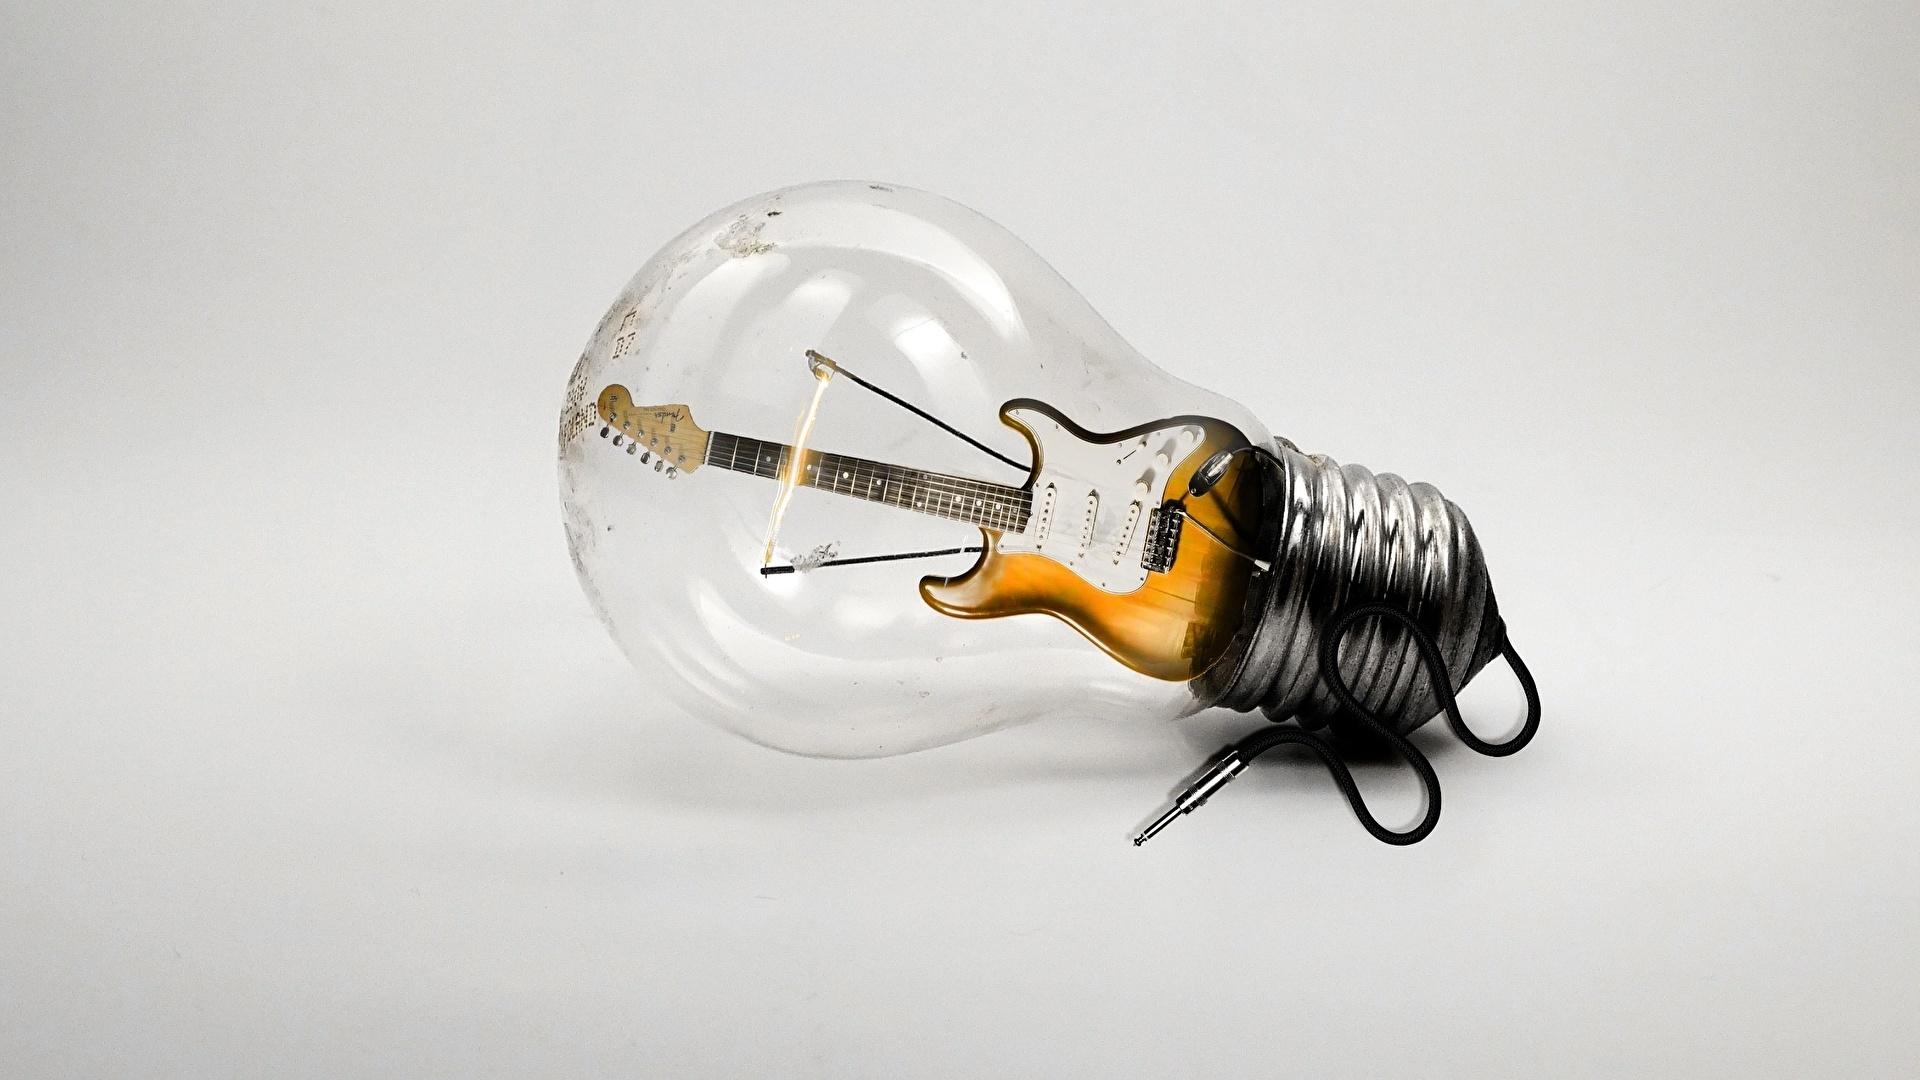 Light Bulb computer wallpaper